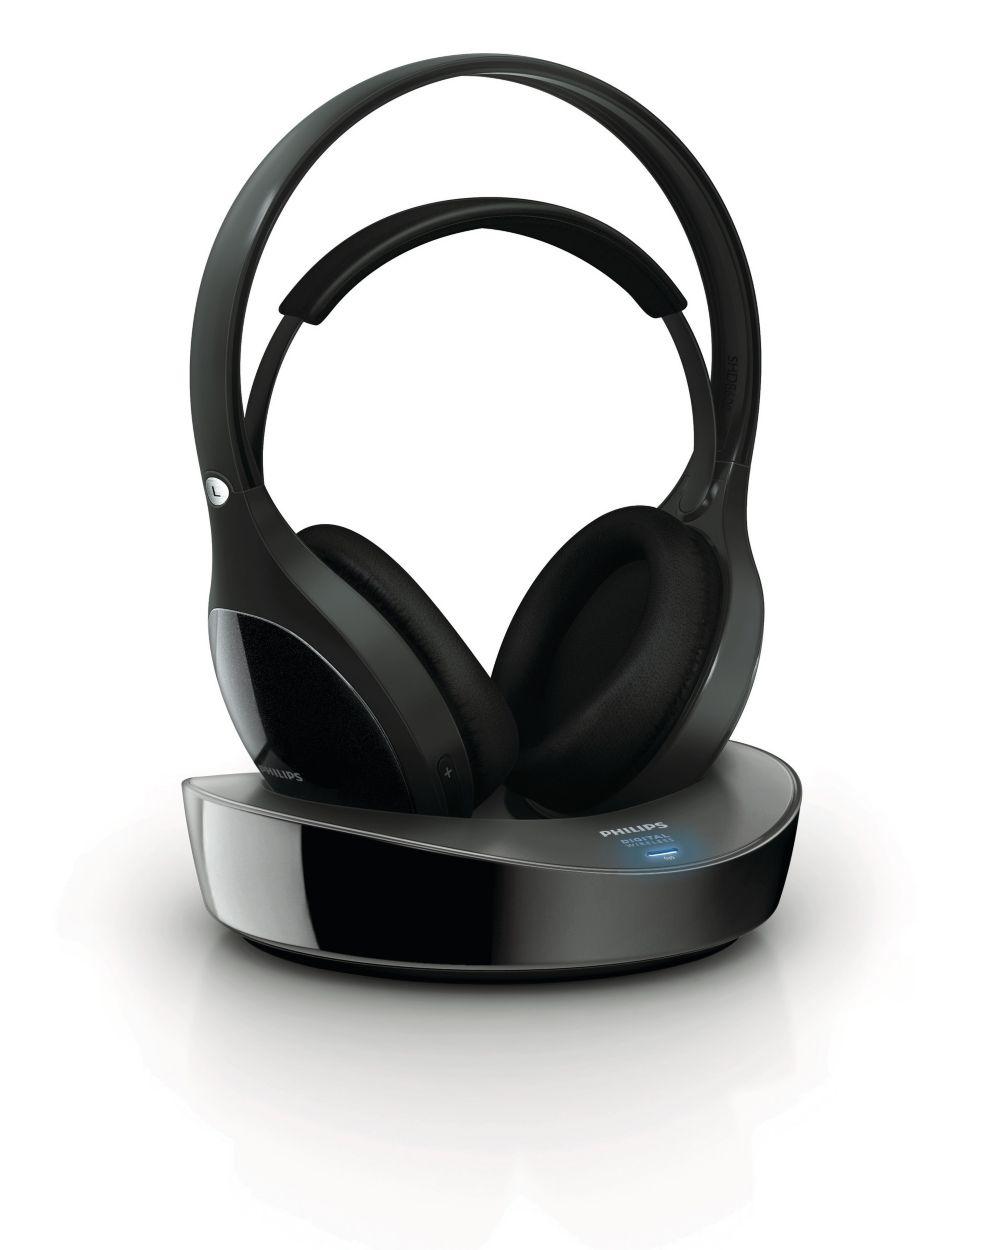 Philips SHD8600UG Draadloze hoofdtelefoon